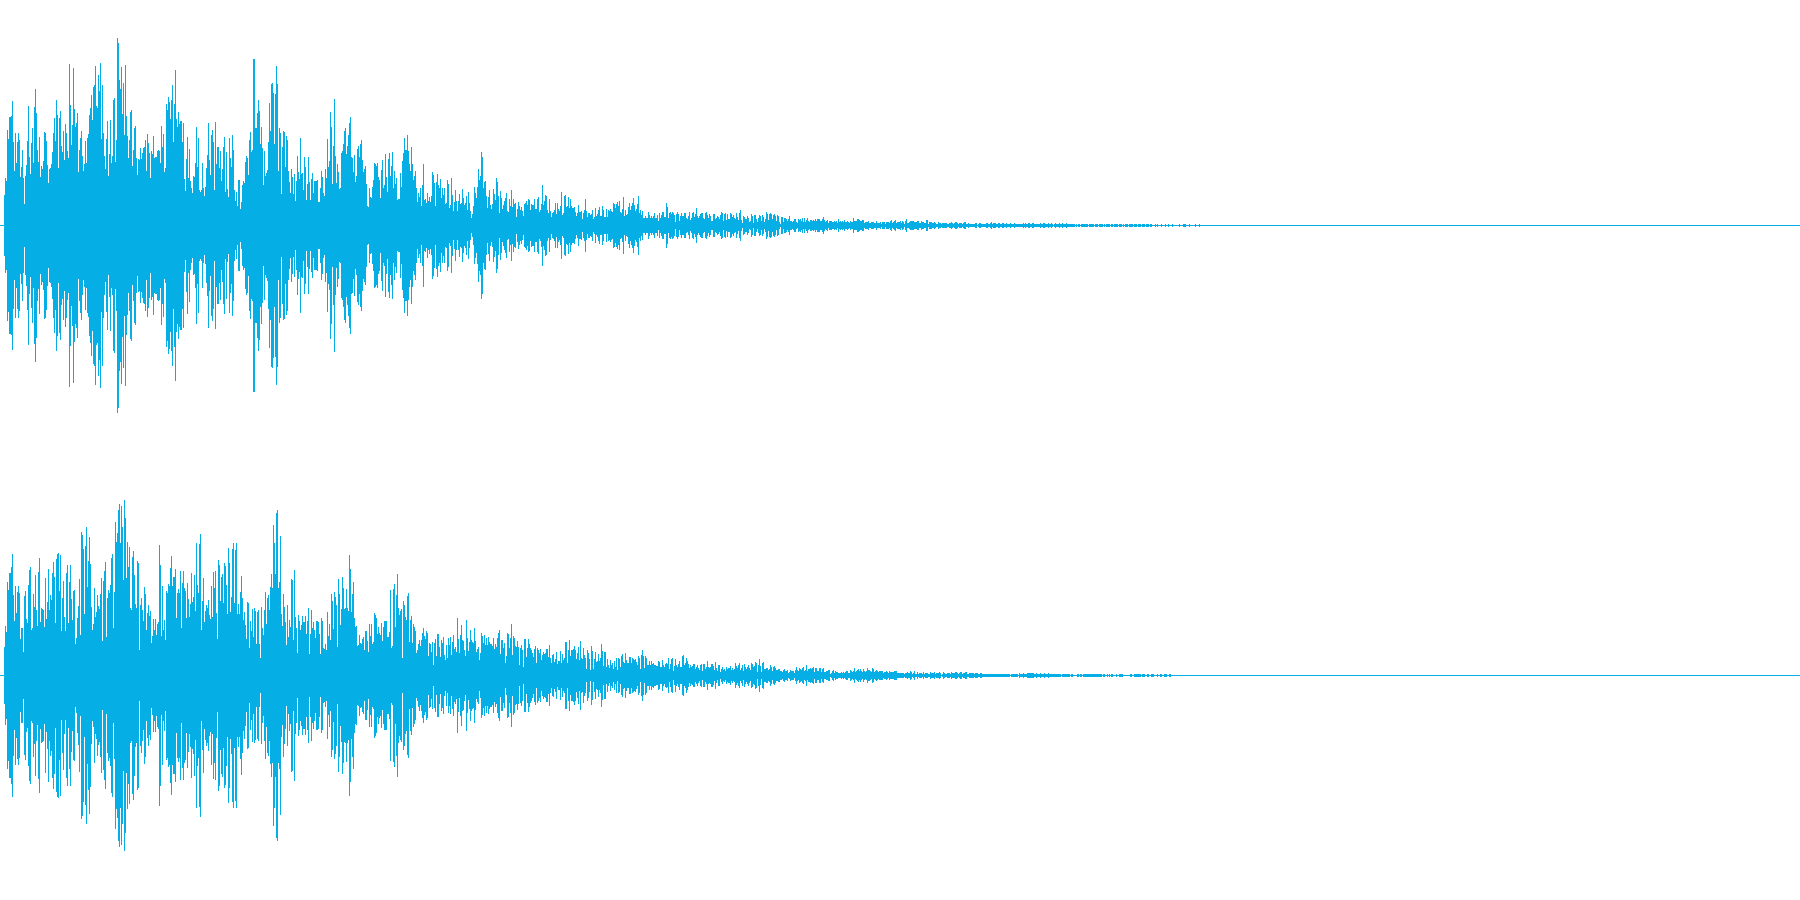 深淵な響きの再生済みの波形